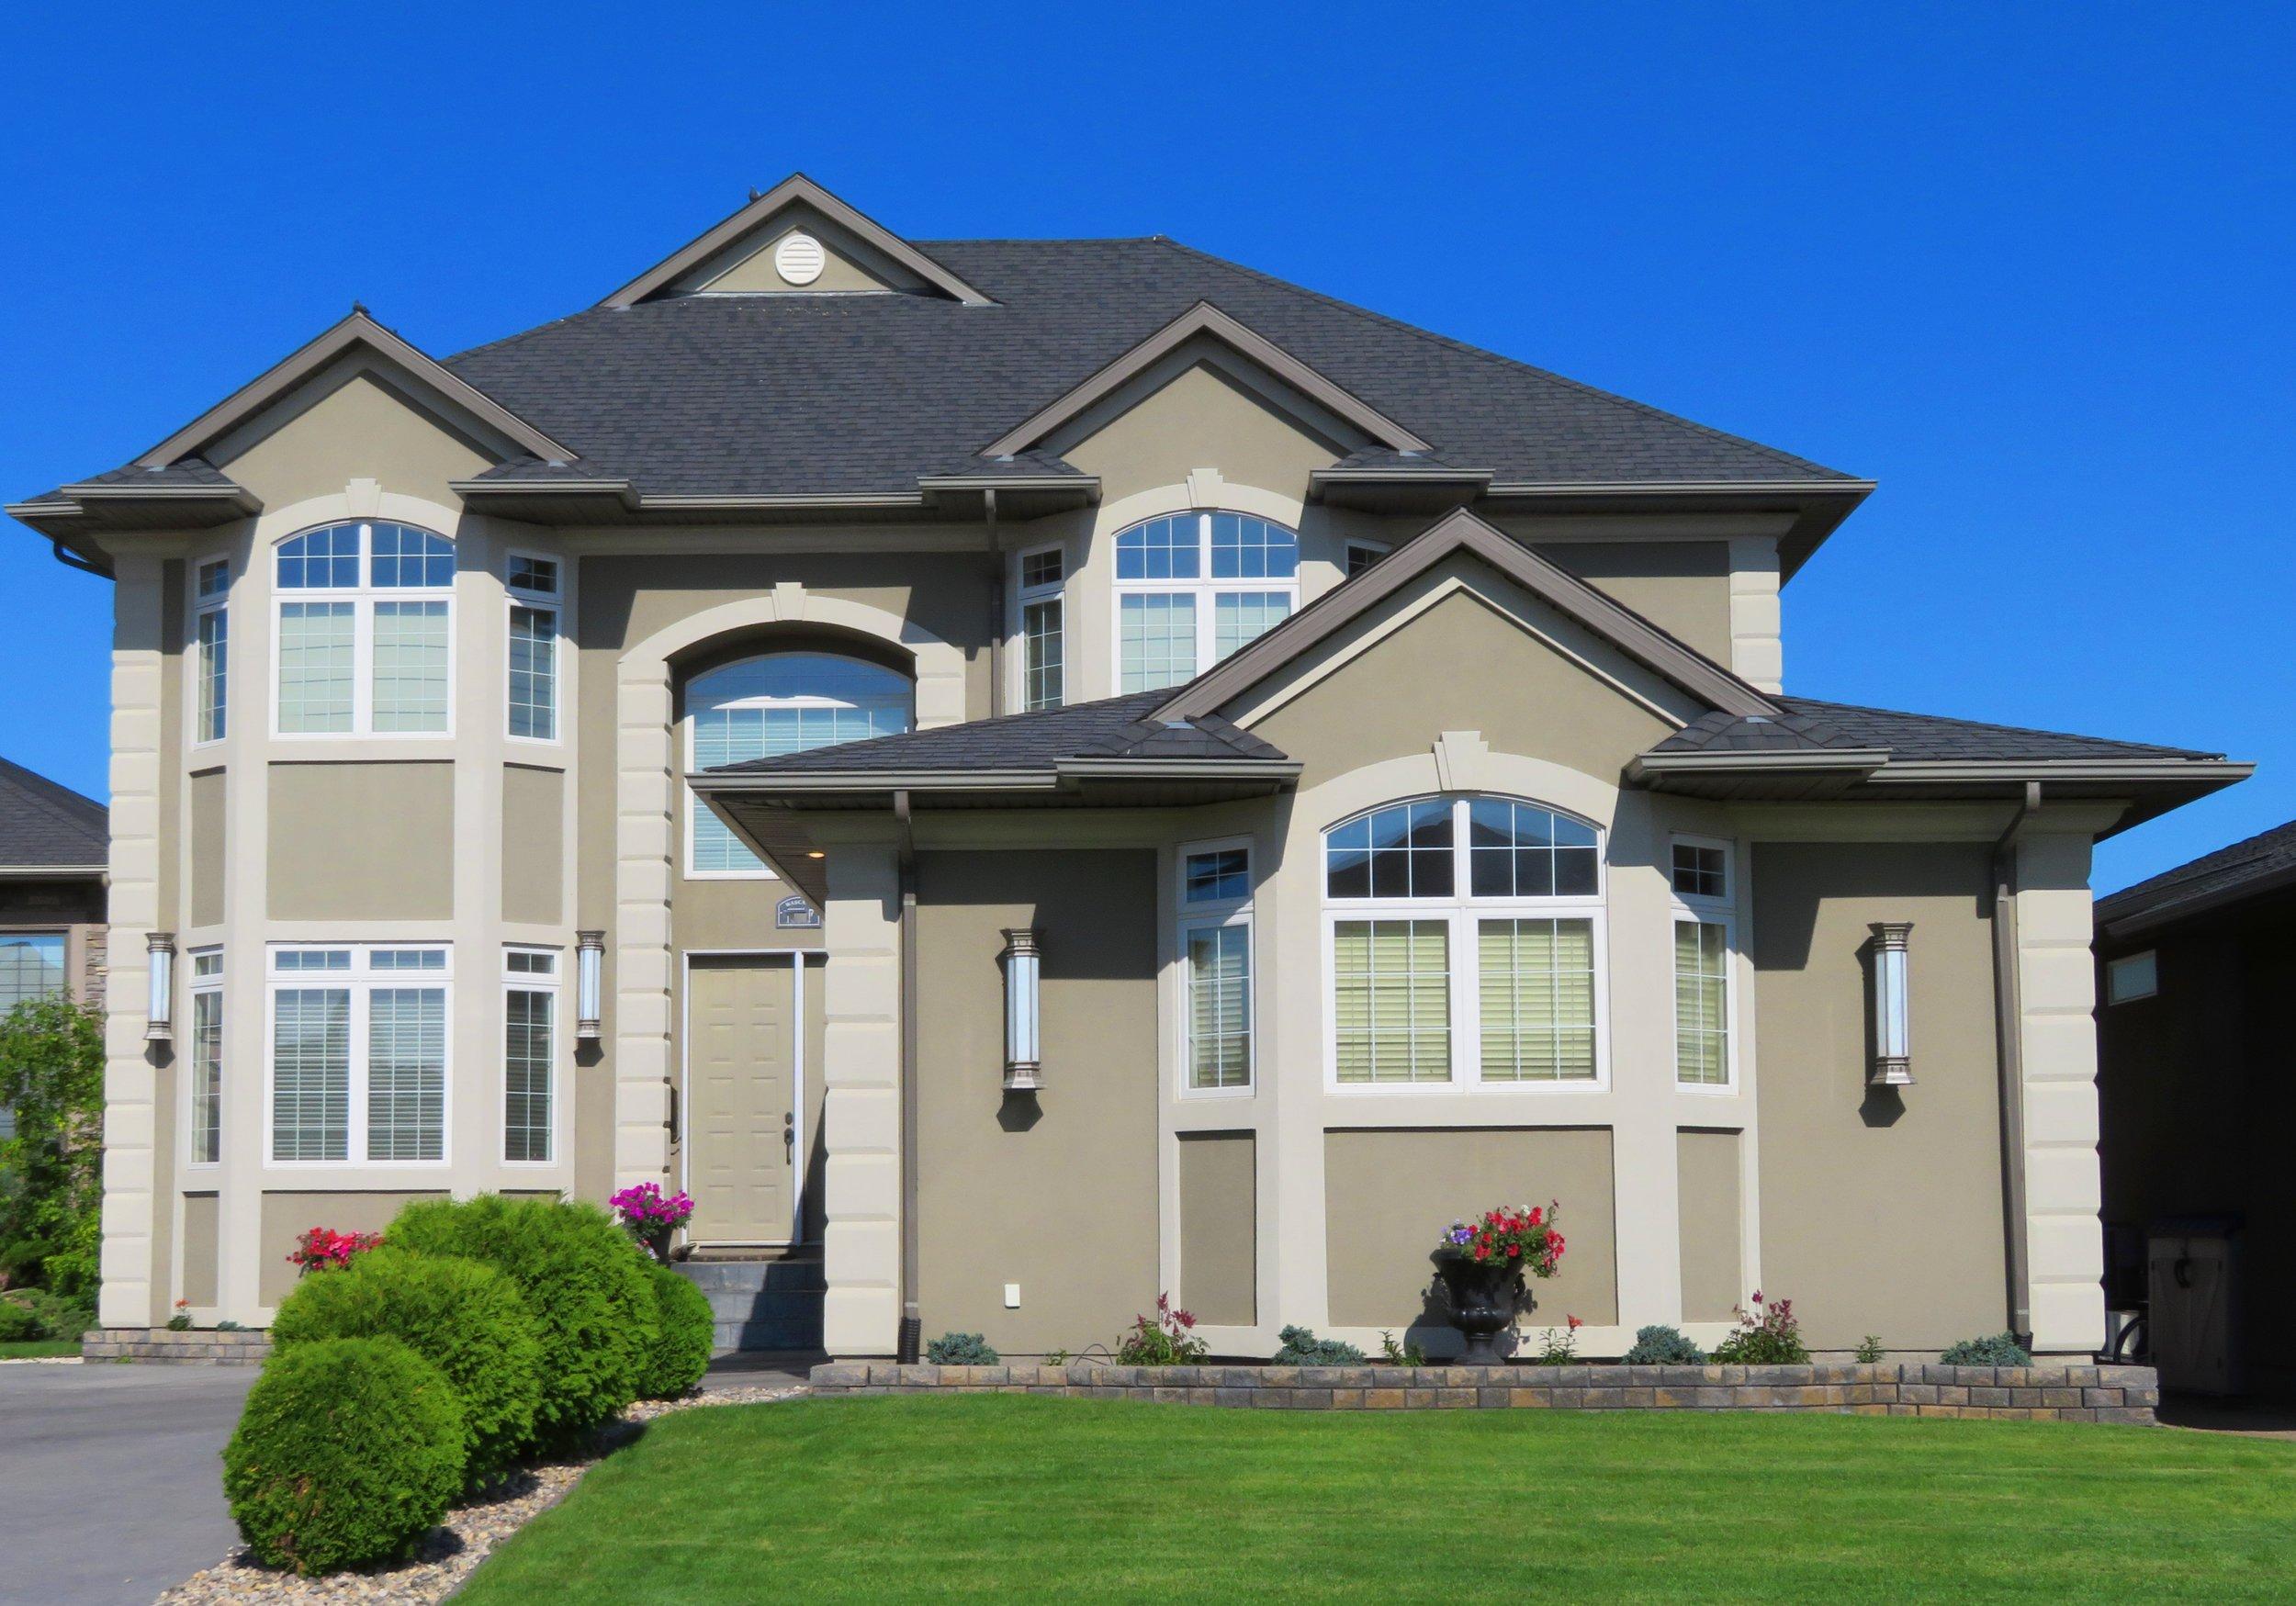 house-2483336.jpg